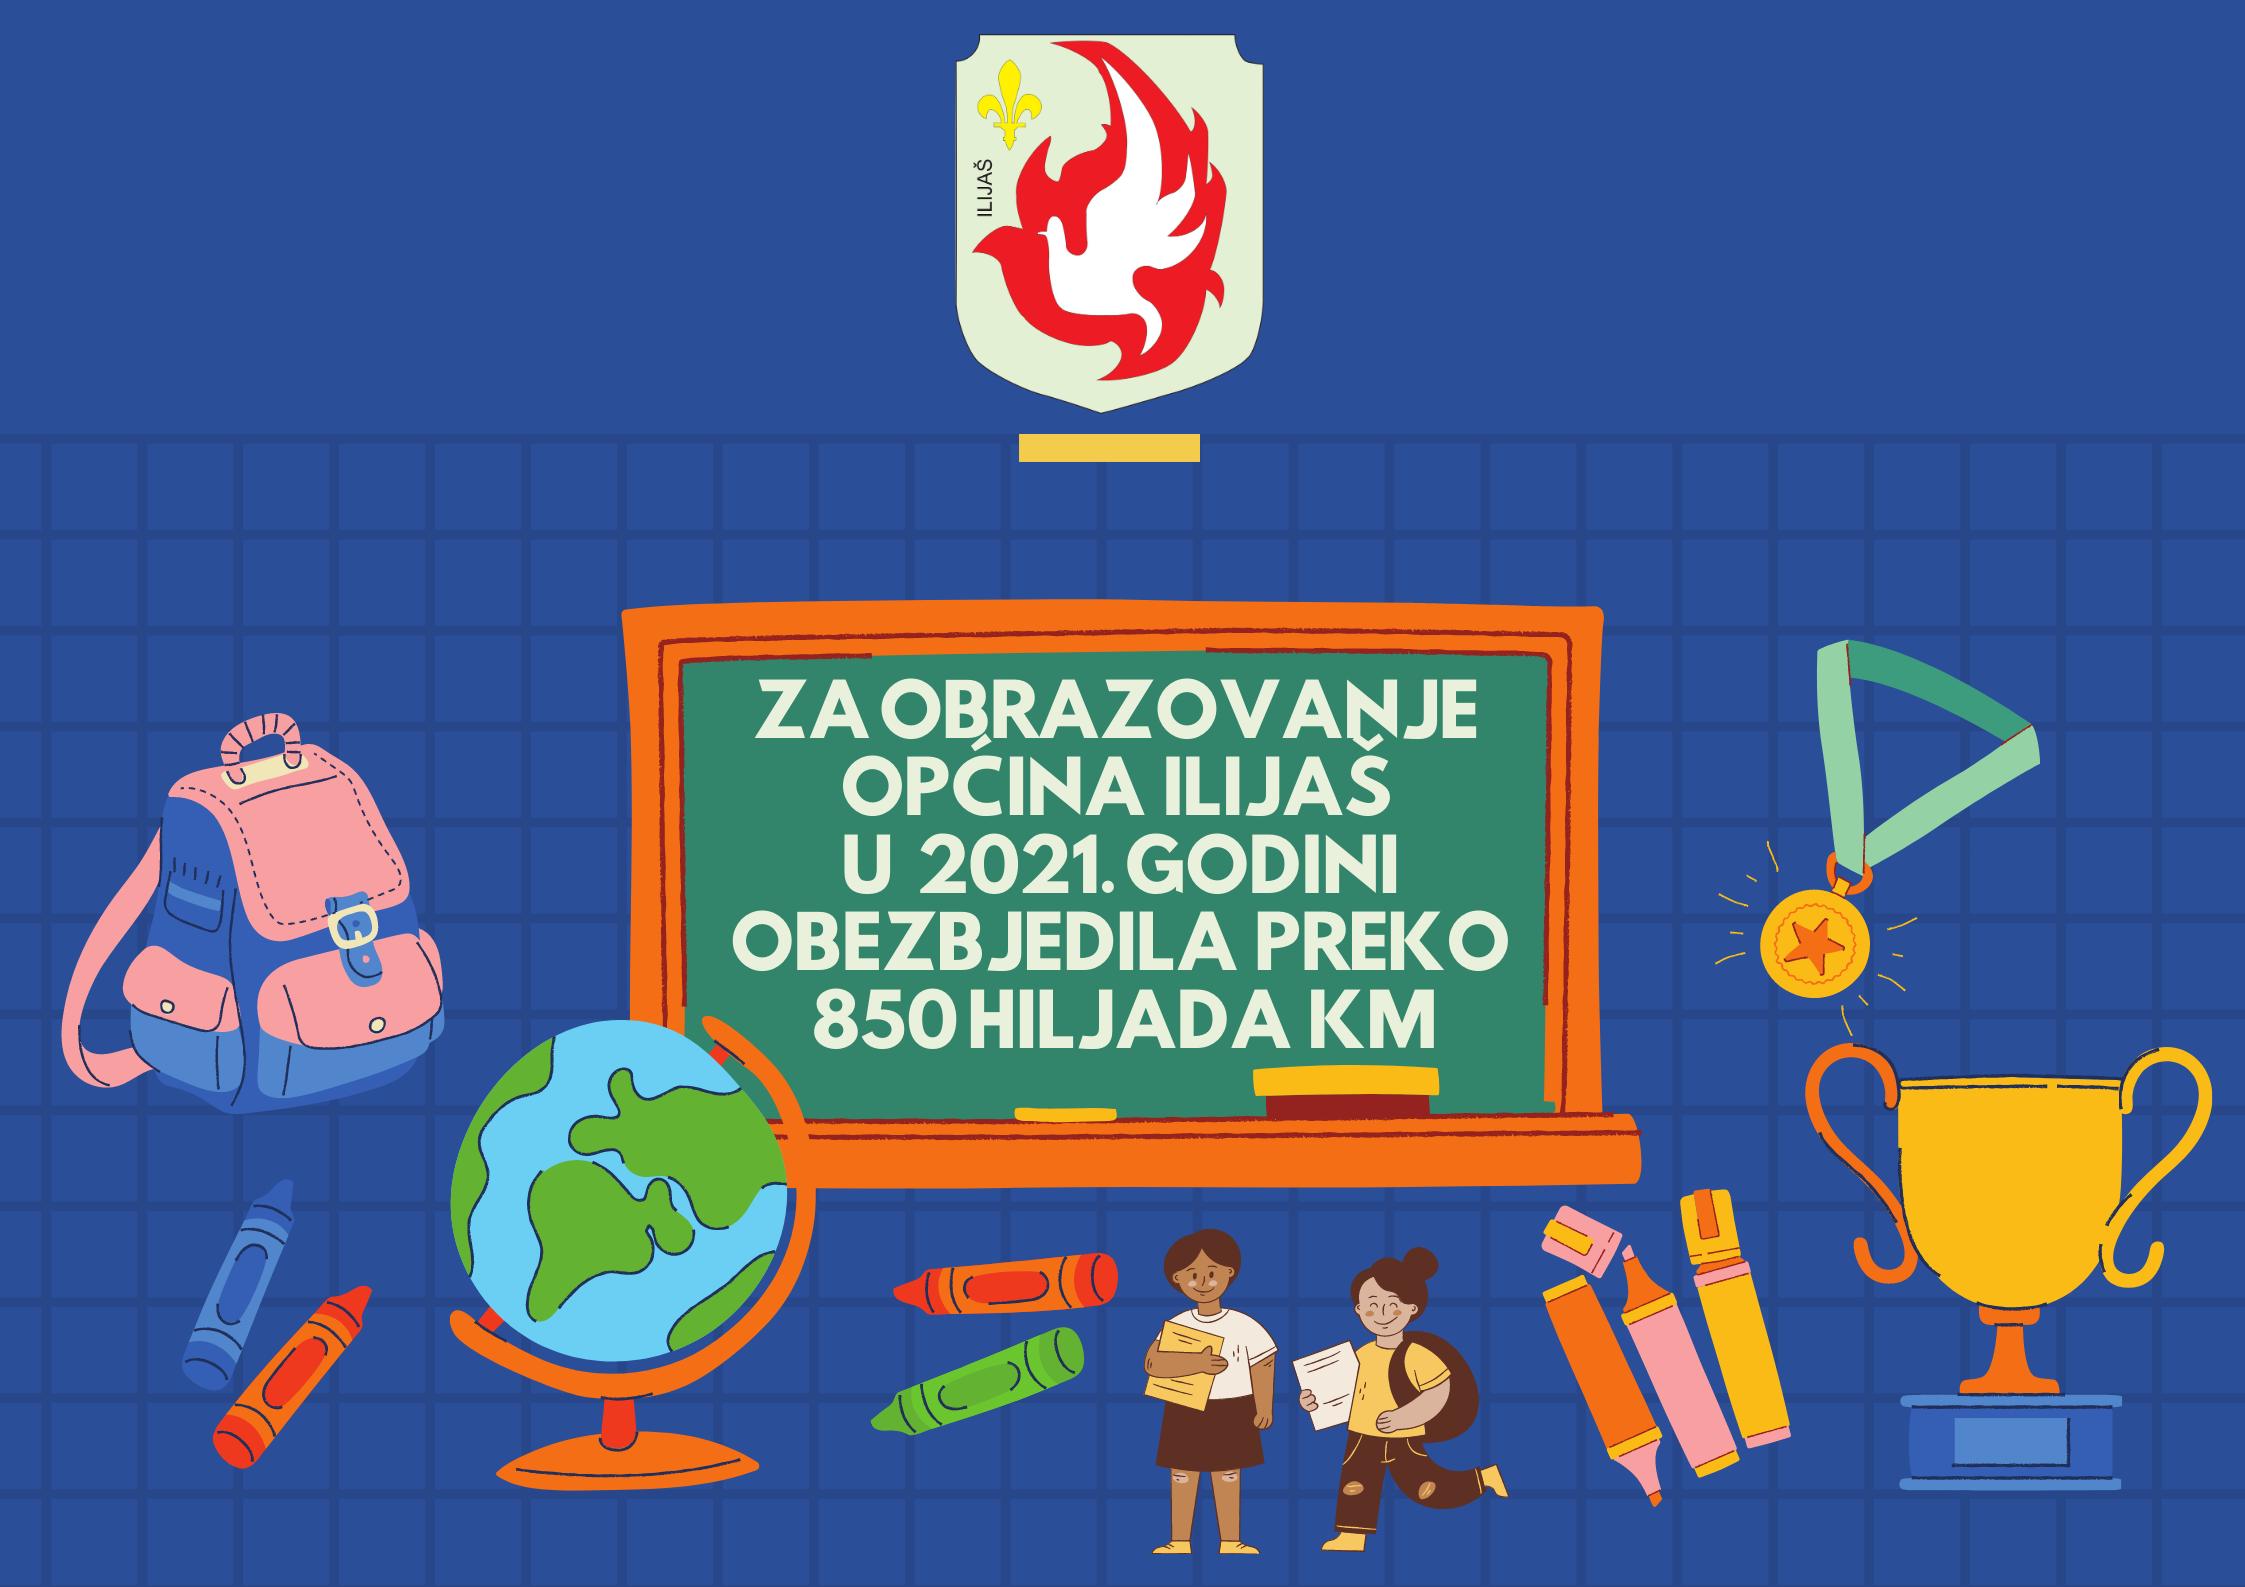 Za obrazovanje Općina Ilijaš u 2021. godini izdvaja preko 700 hiljada KM 1